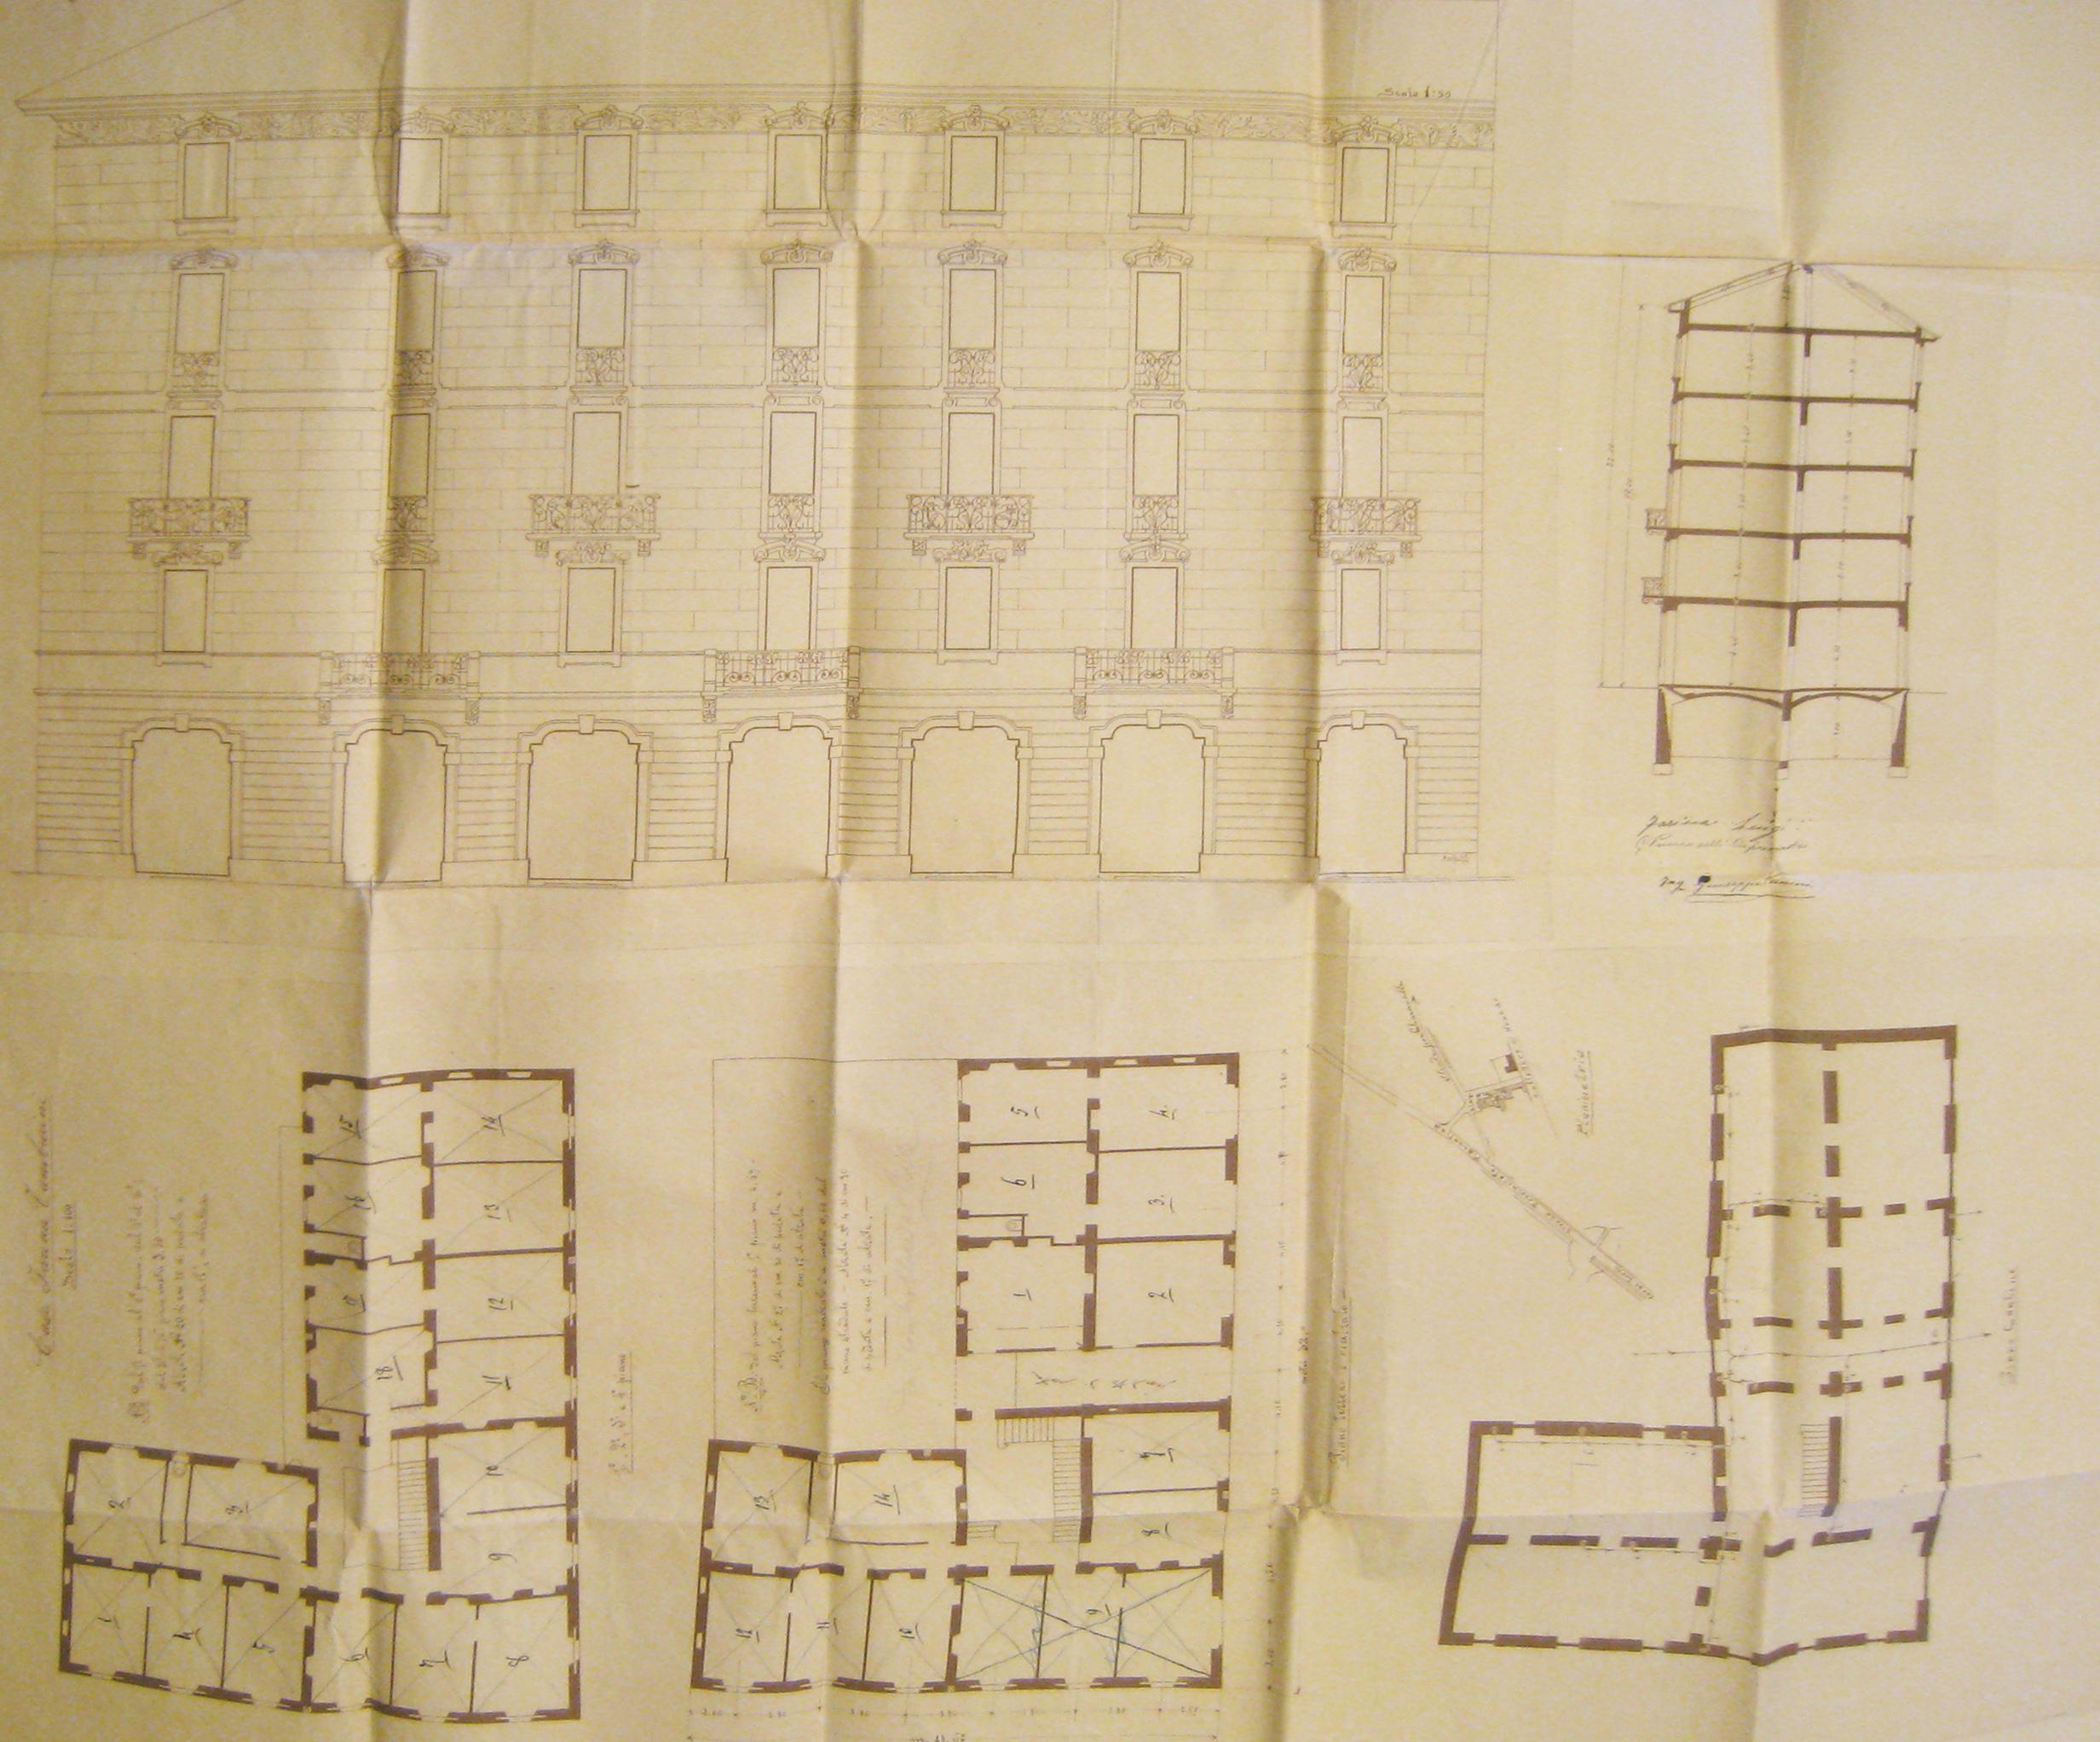 Concessione edilizia edificio antico